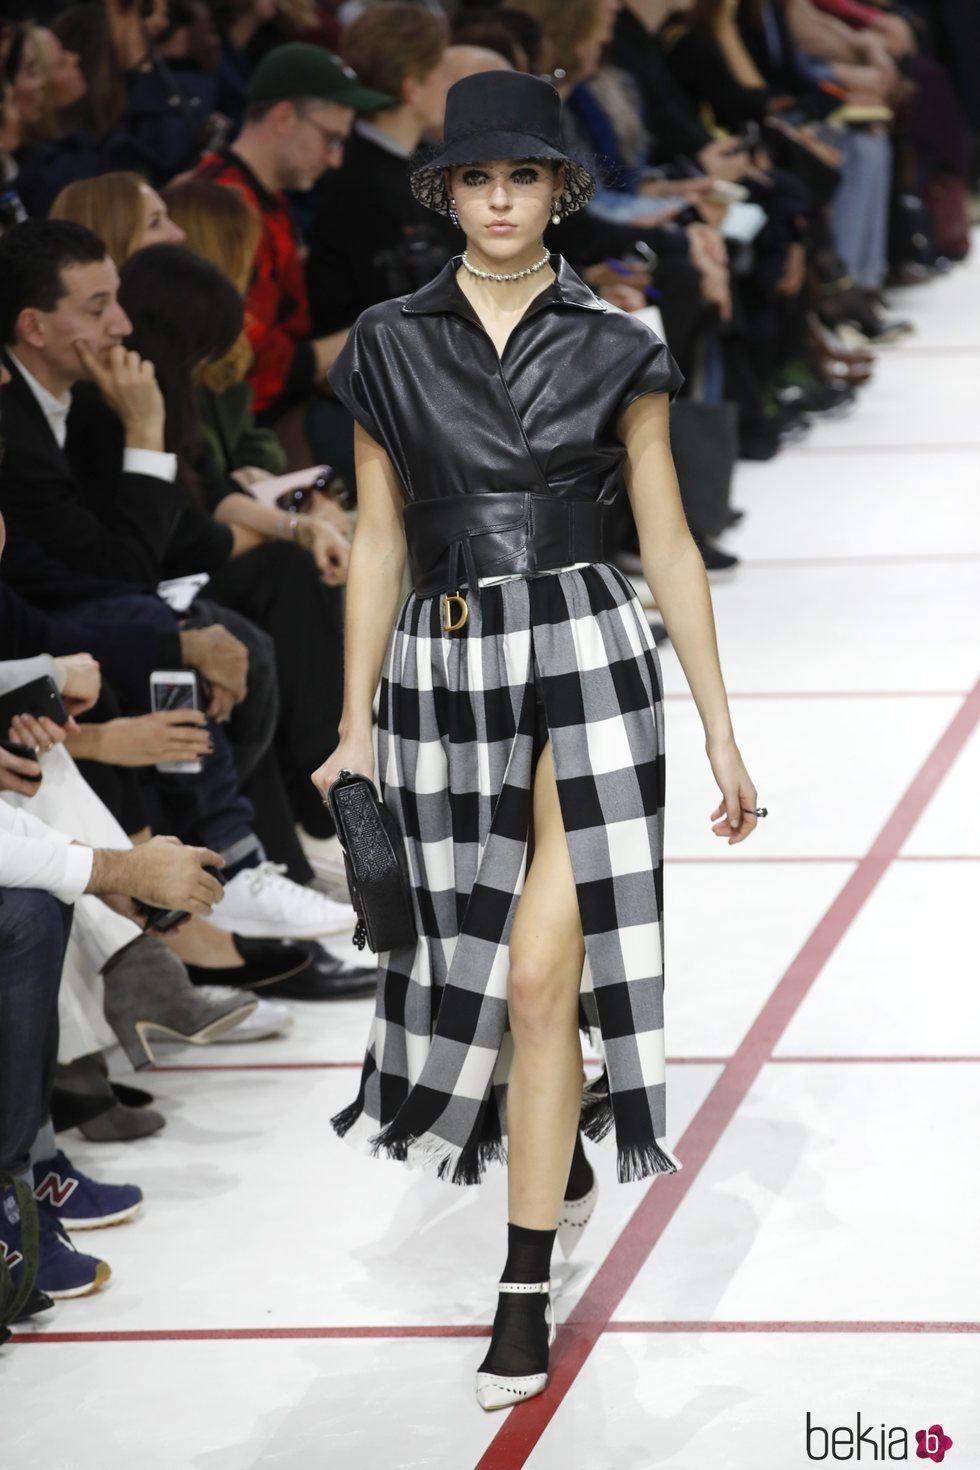 Modelo con un vestido de cuadros del desfile de Dior ifalli